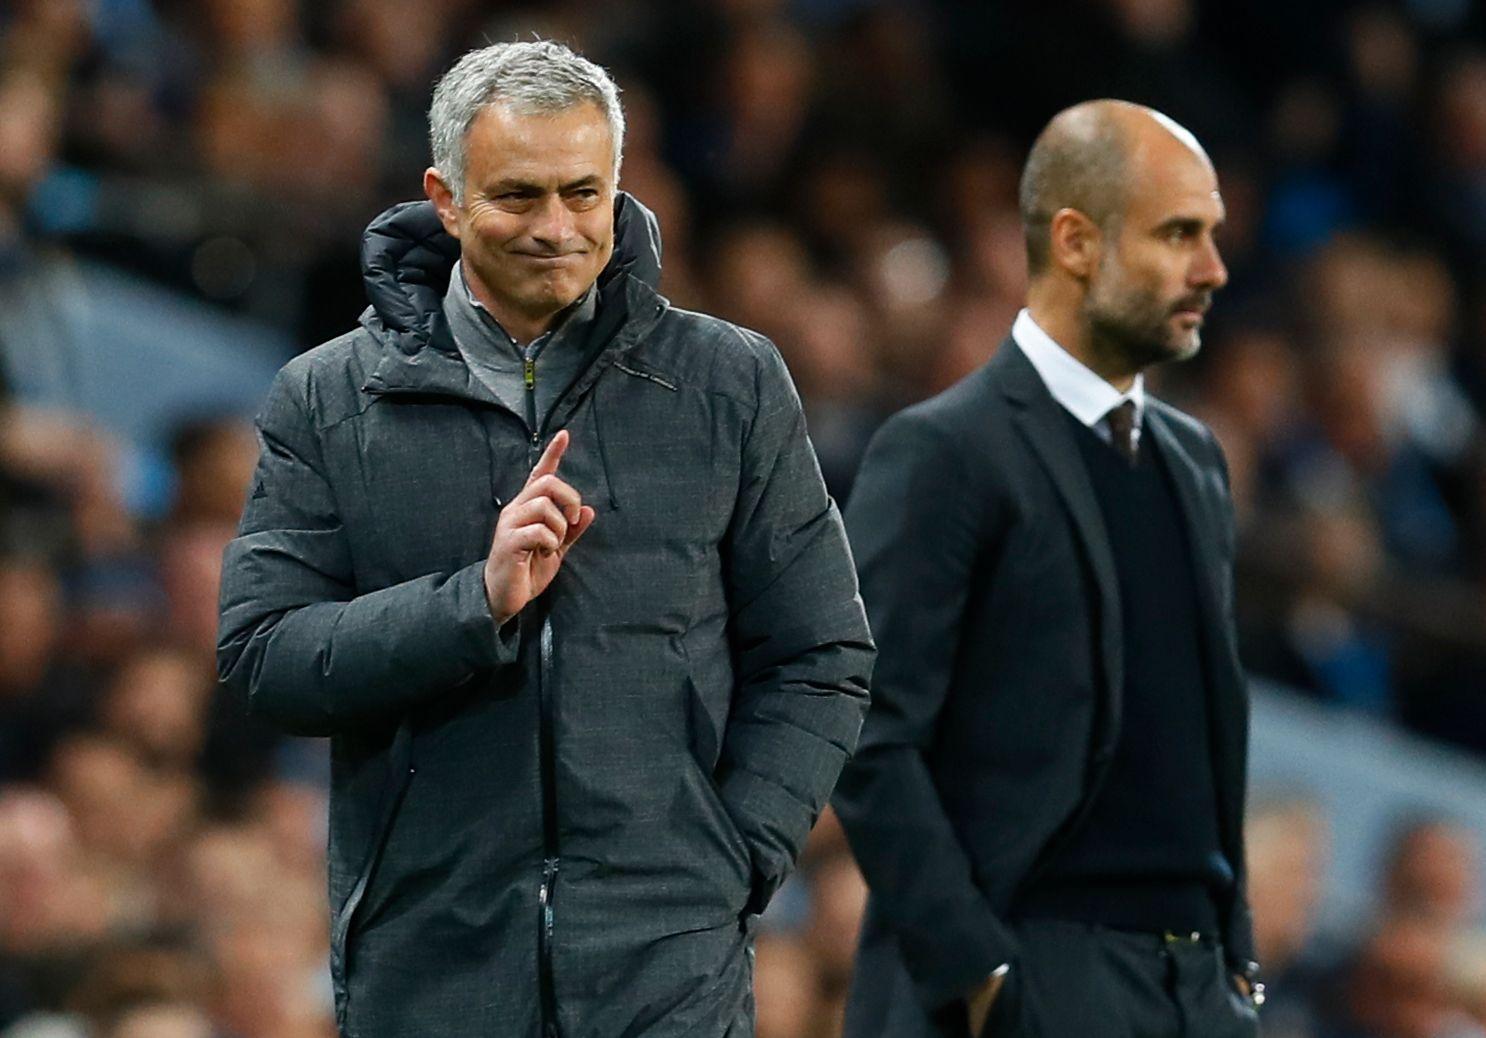 MØTES SNART IGJEN: Det var ganske gemyttelig mellom Pep Guardiola og José Mourinho i forrige sesong. Her fra møtet på Etihad i april (0-0). City vant 2-1 på Old Trafford tidlig i sesongen. Neste møte om to uker. Foto: REUTERS